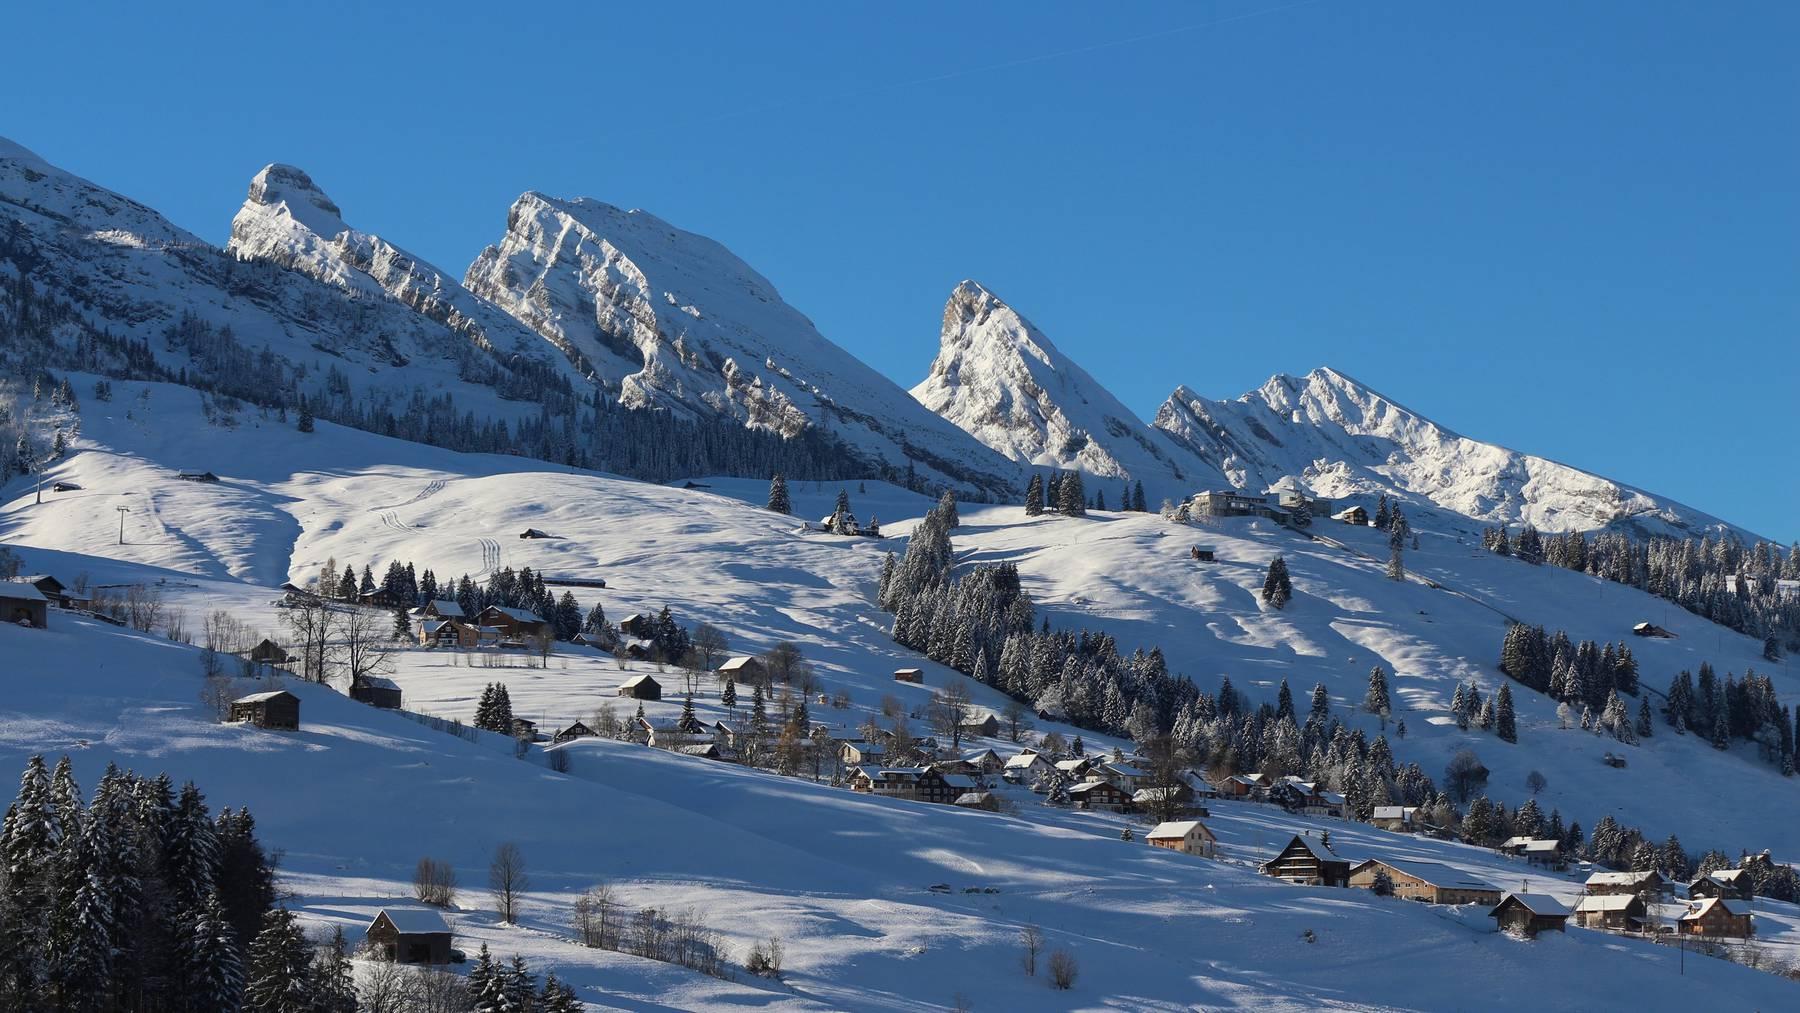 Lust auf eine Winterwanderung entlang der Churfirsten? (Bild: iStock)